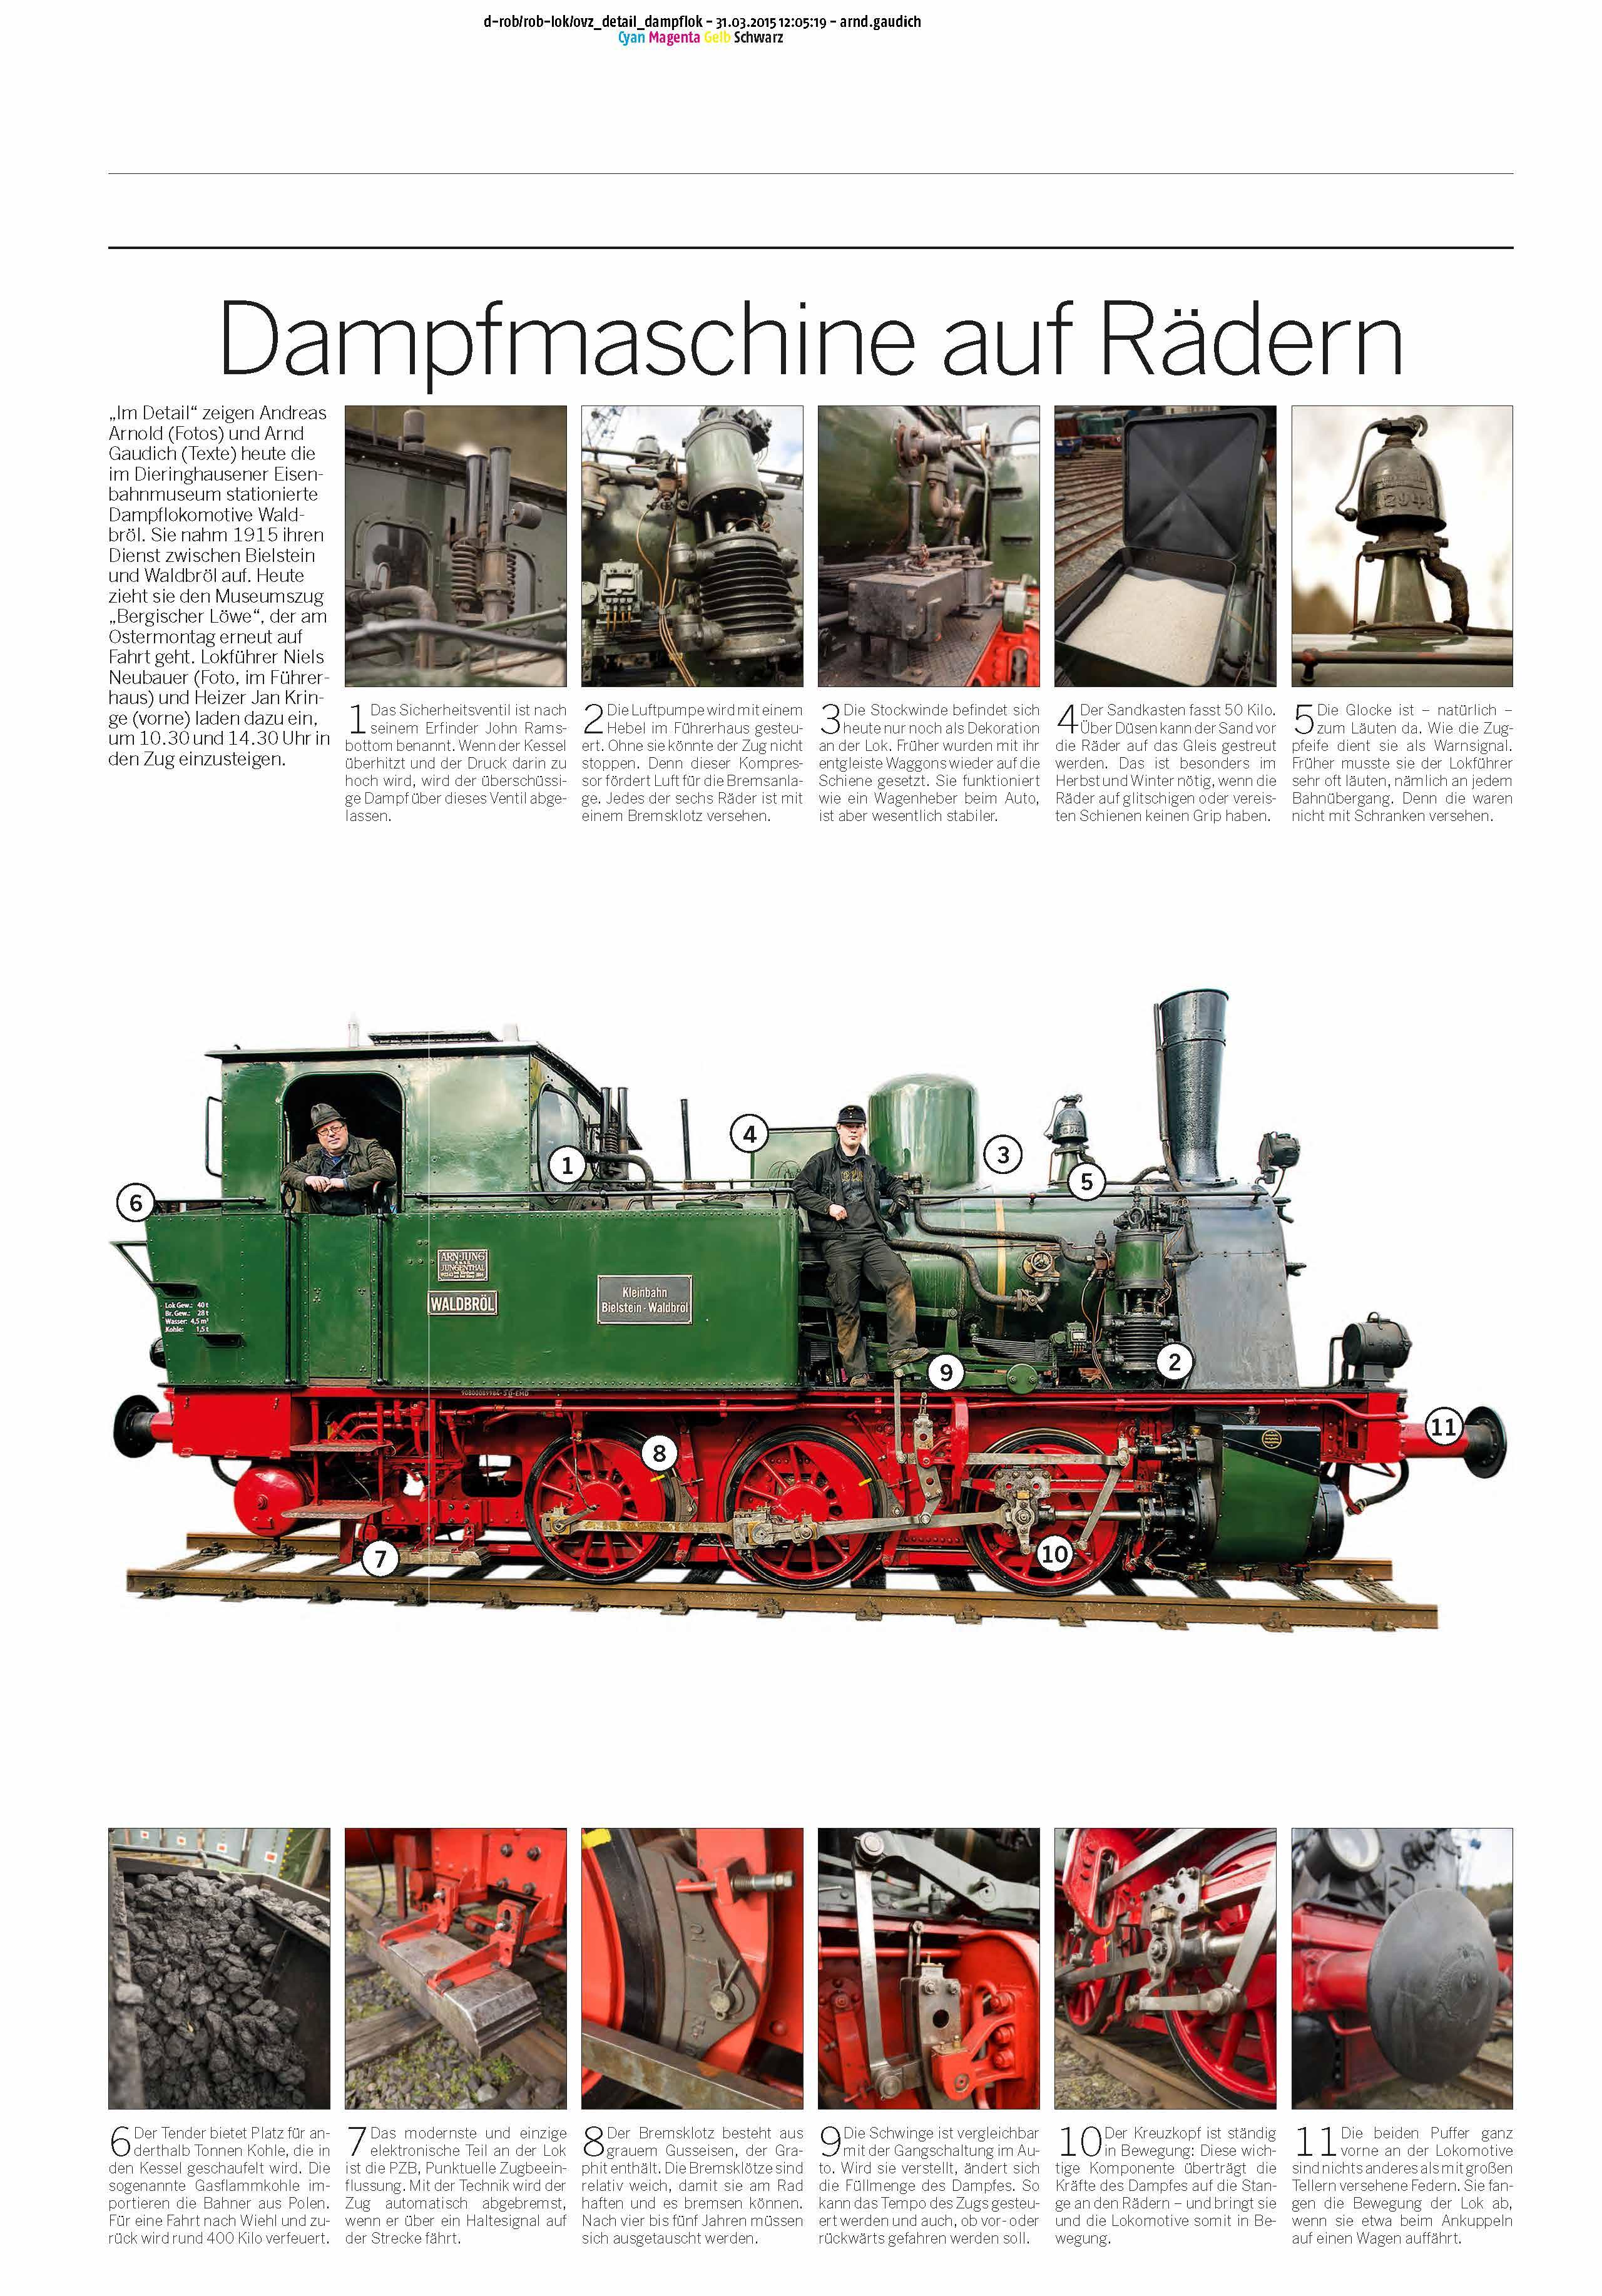 Dampfmaschine auf Rädern